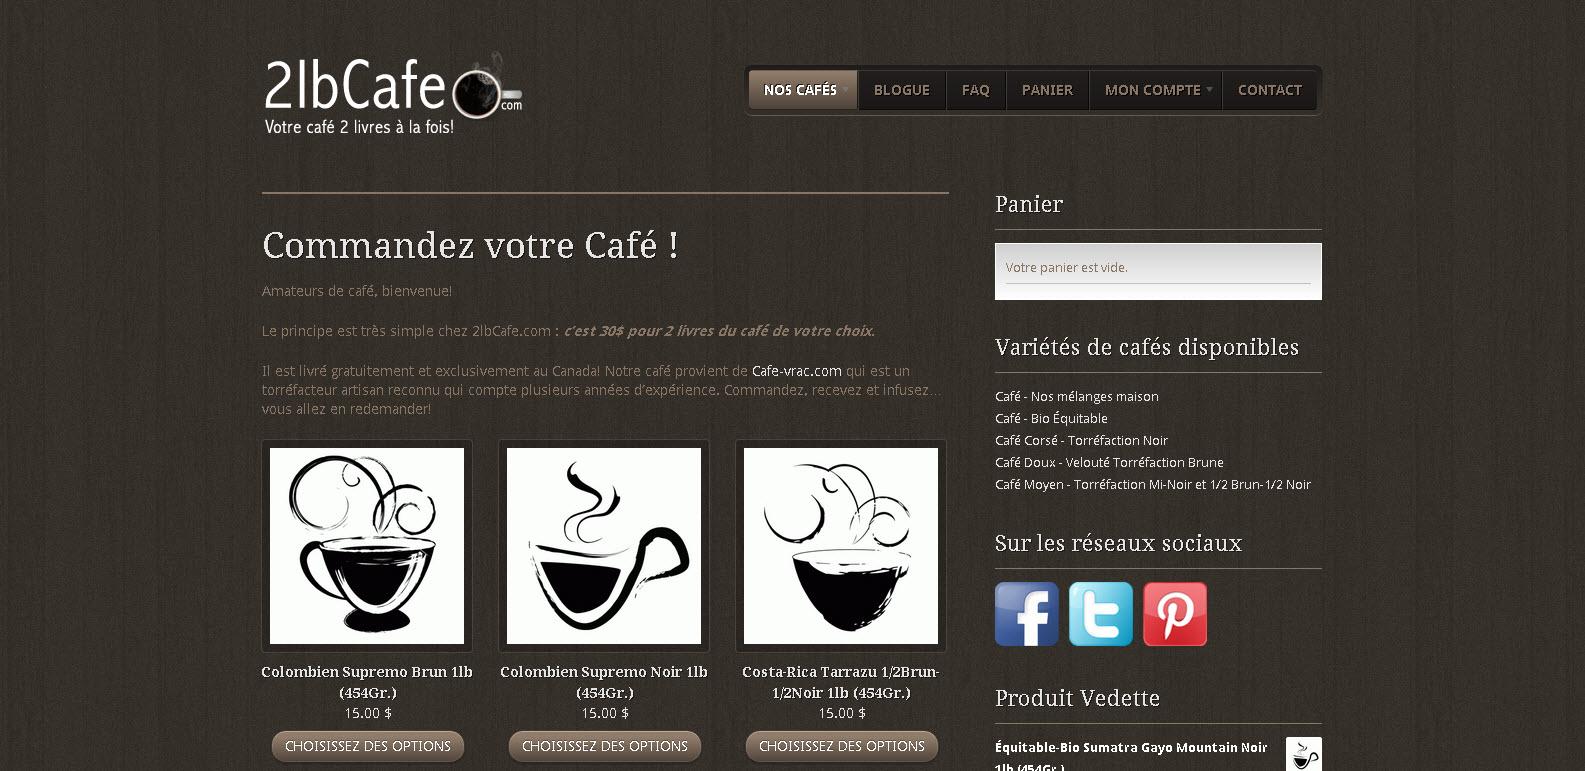 2lb Café